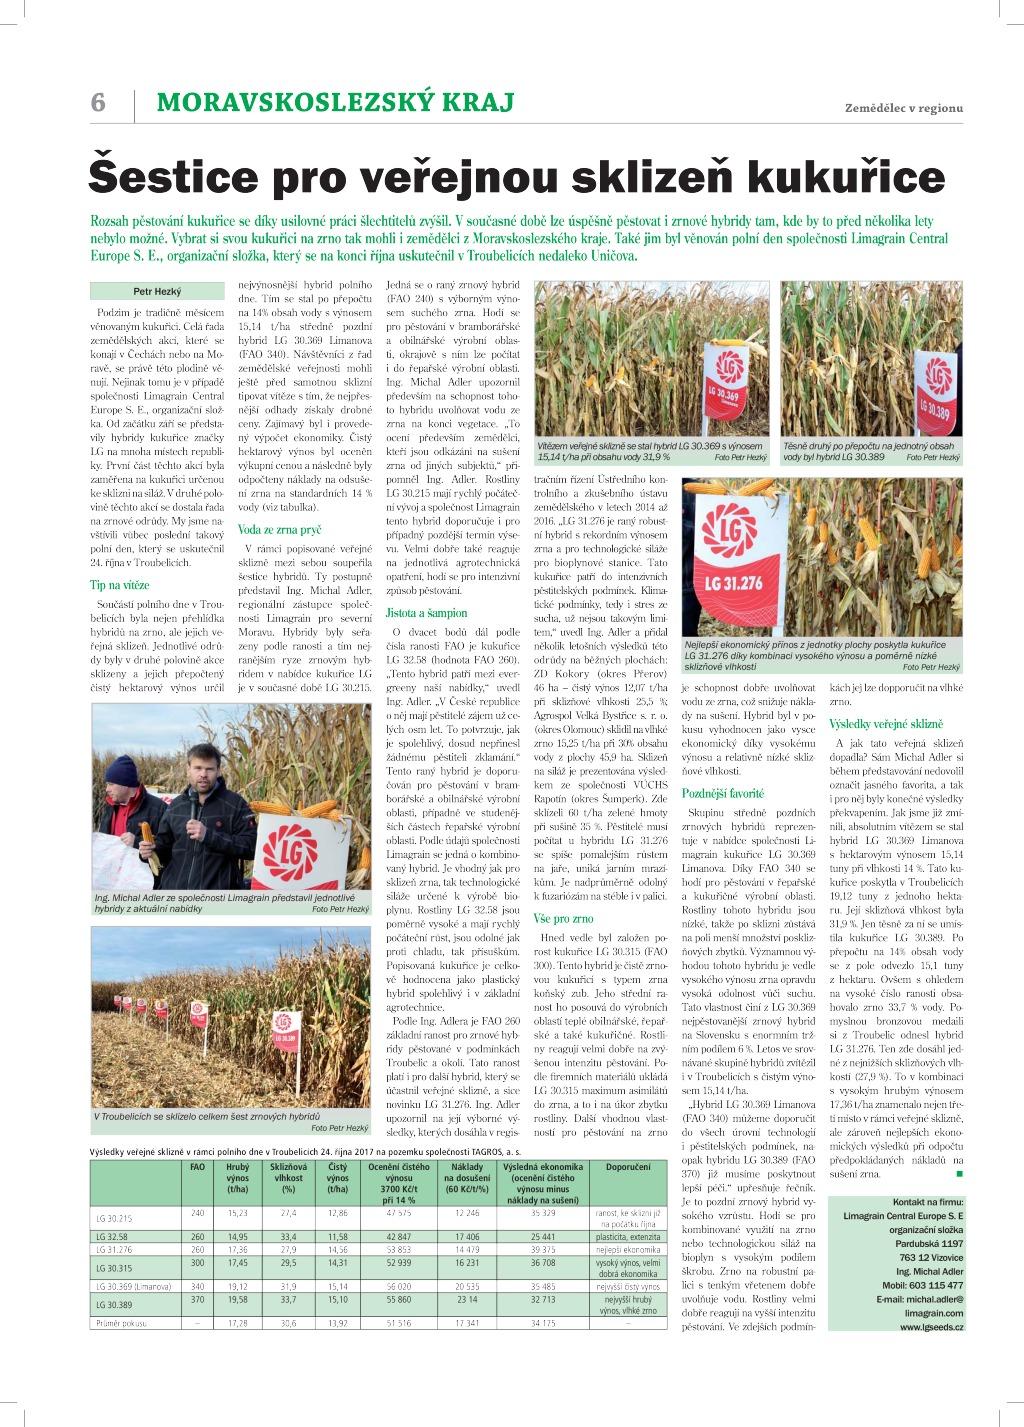 2017 CZ MA šestice pro veřejnou sklizeň kukuřice